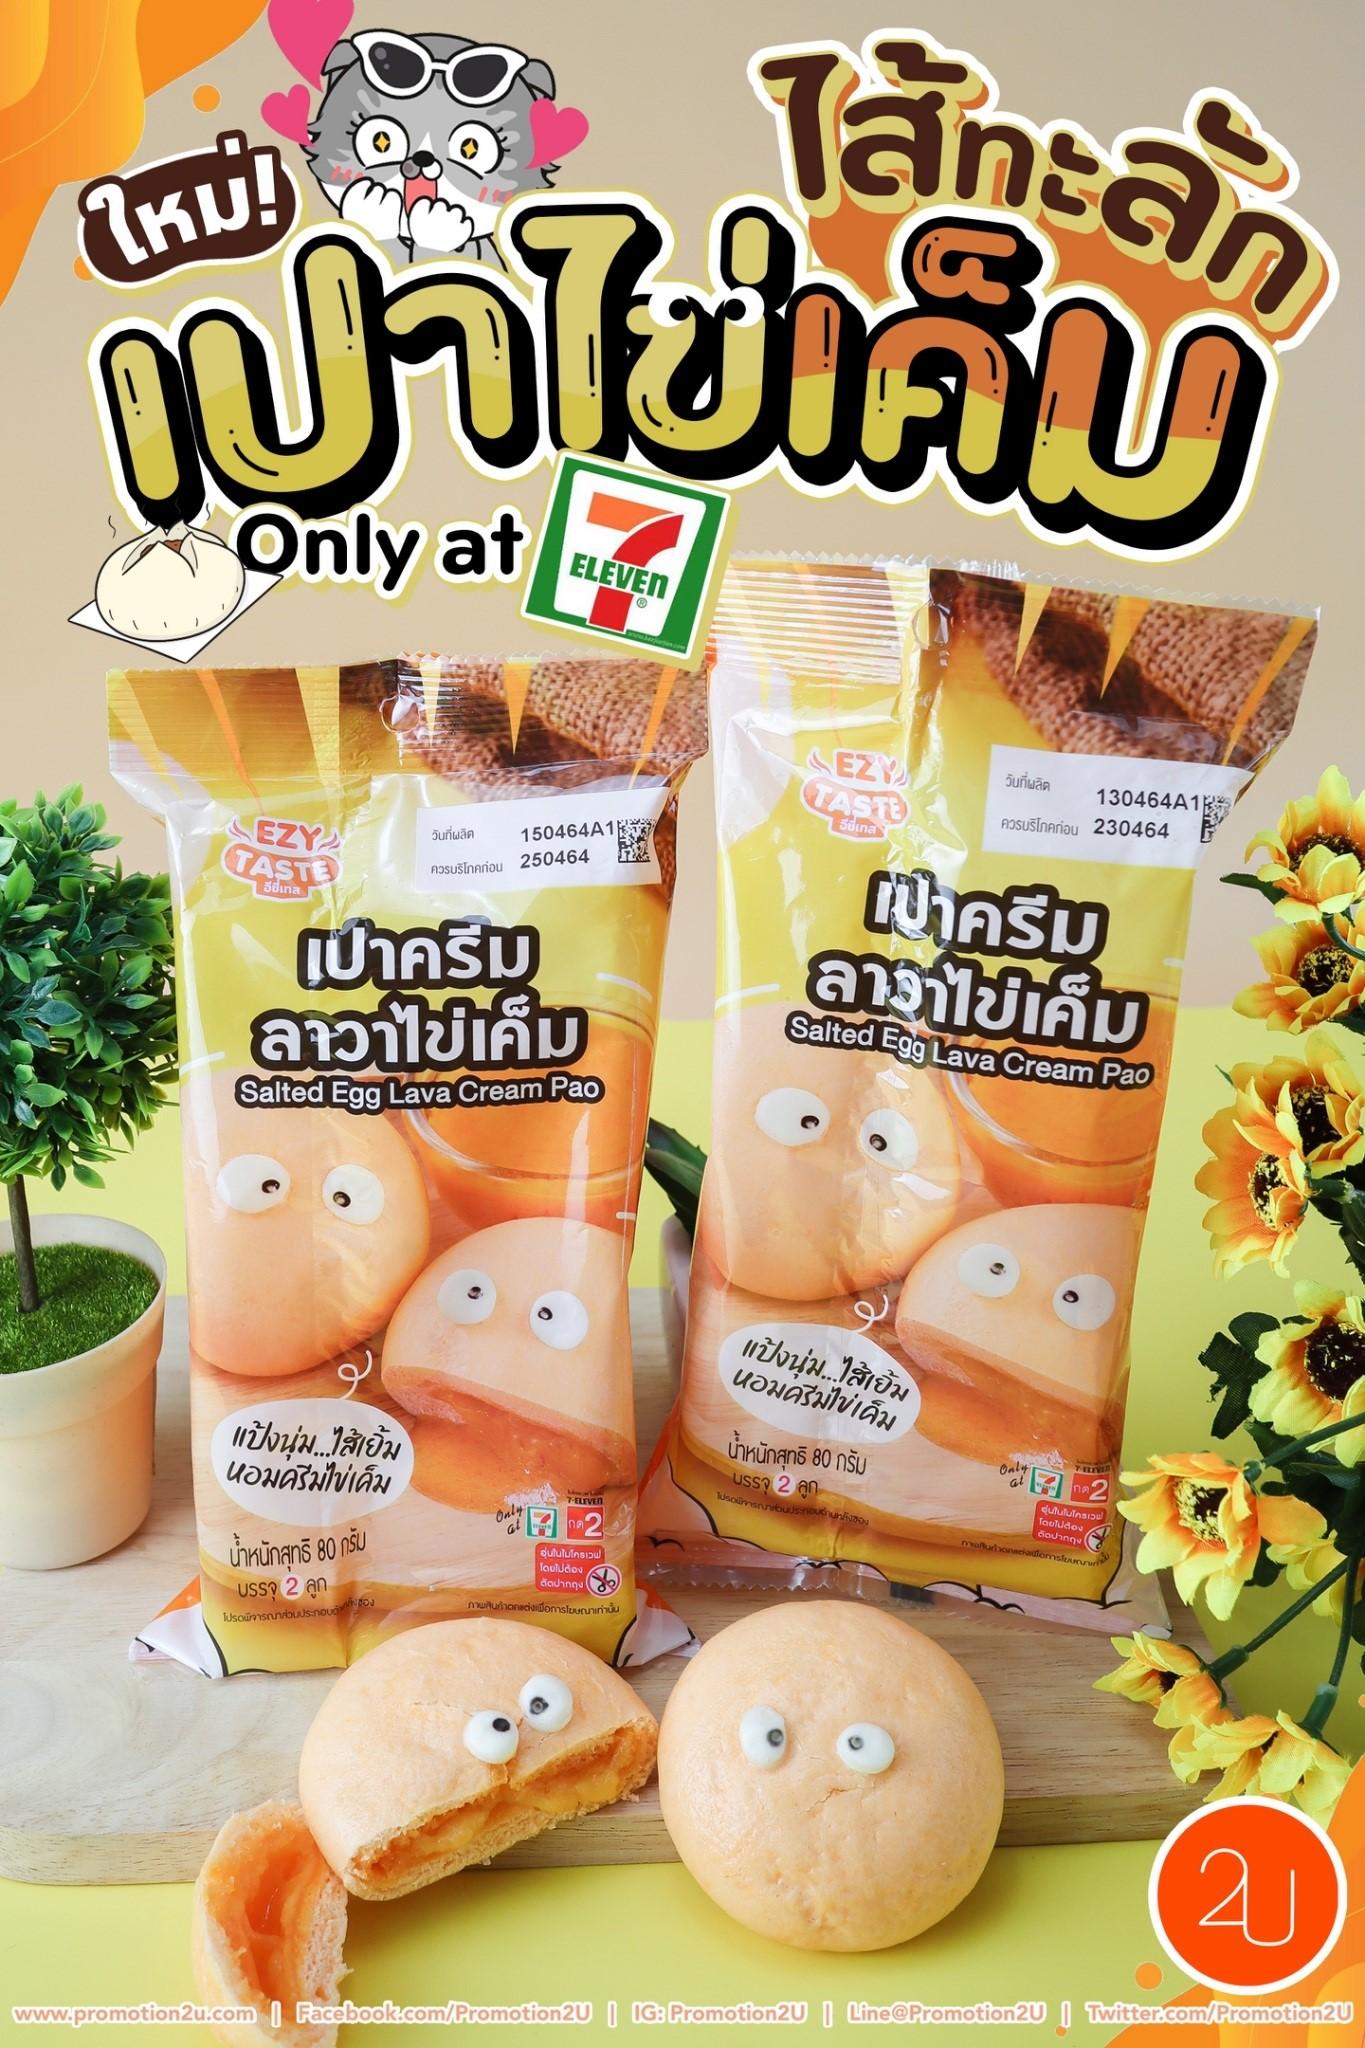 ใหม่!! เปาครีม ลาวาไข่เค็ม แป้งนุ่มไส้เยิ้มต้องลอง! @7-11